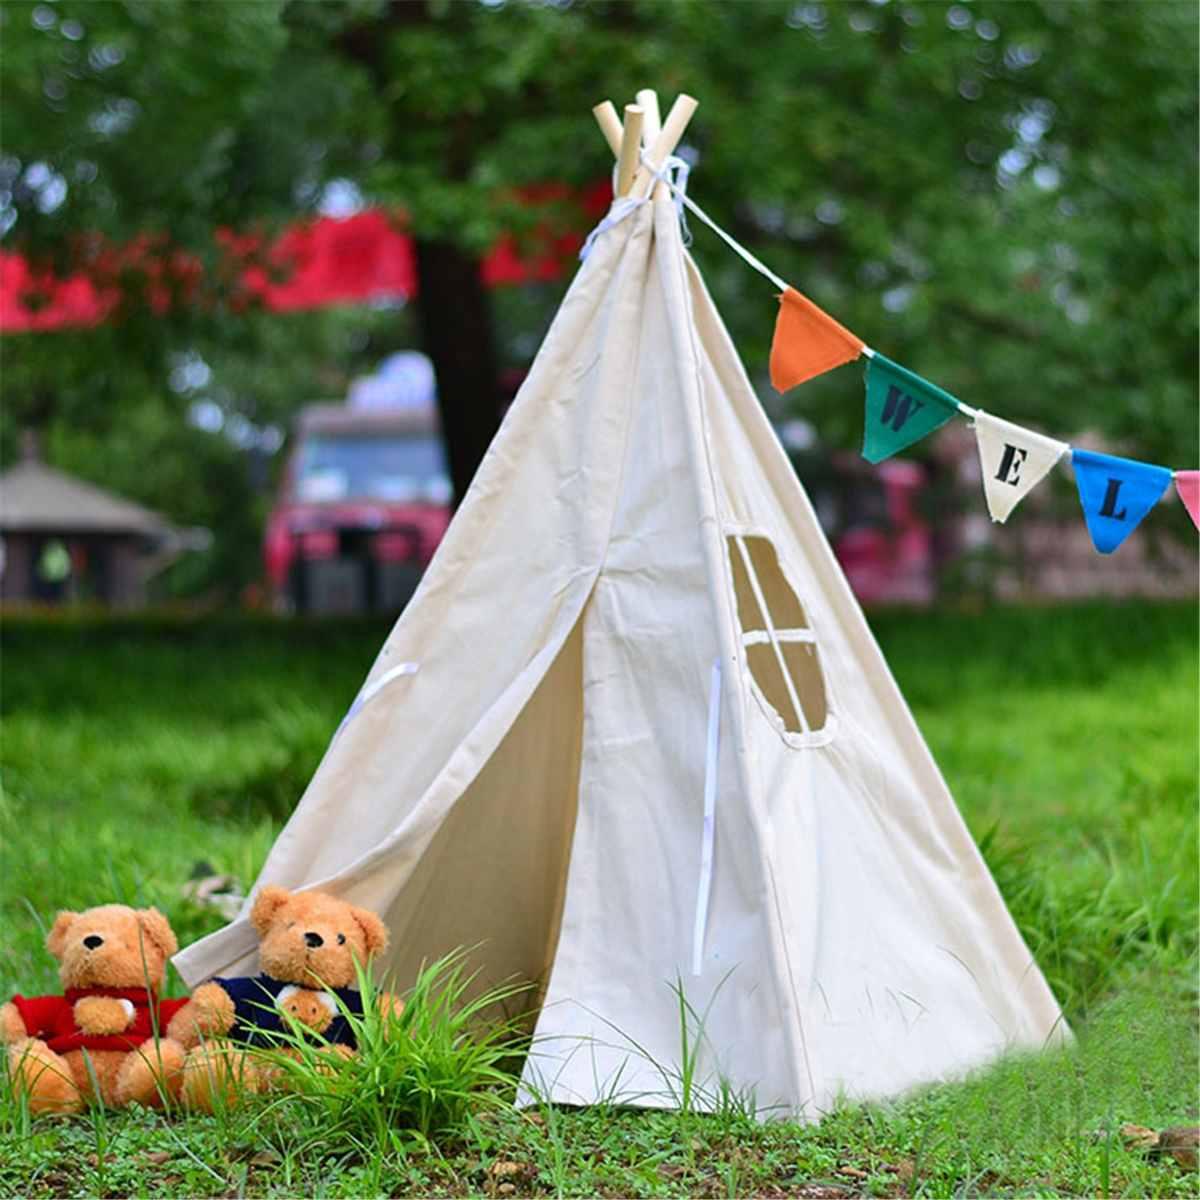 Cadeau enfants Playhouse dormir dôme enfants jouer jouets tente tipi tissu bébé Photo accessoires château Triangle enfants tente pliante